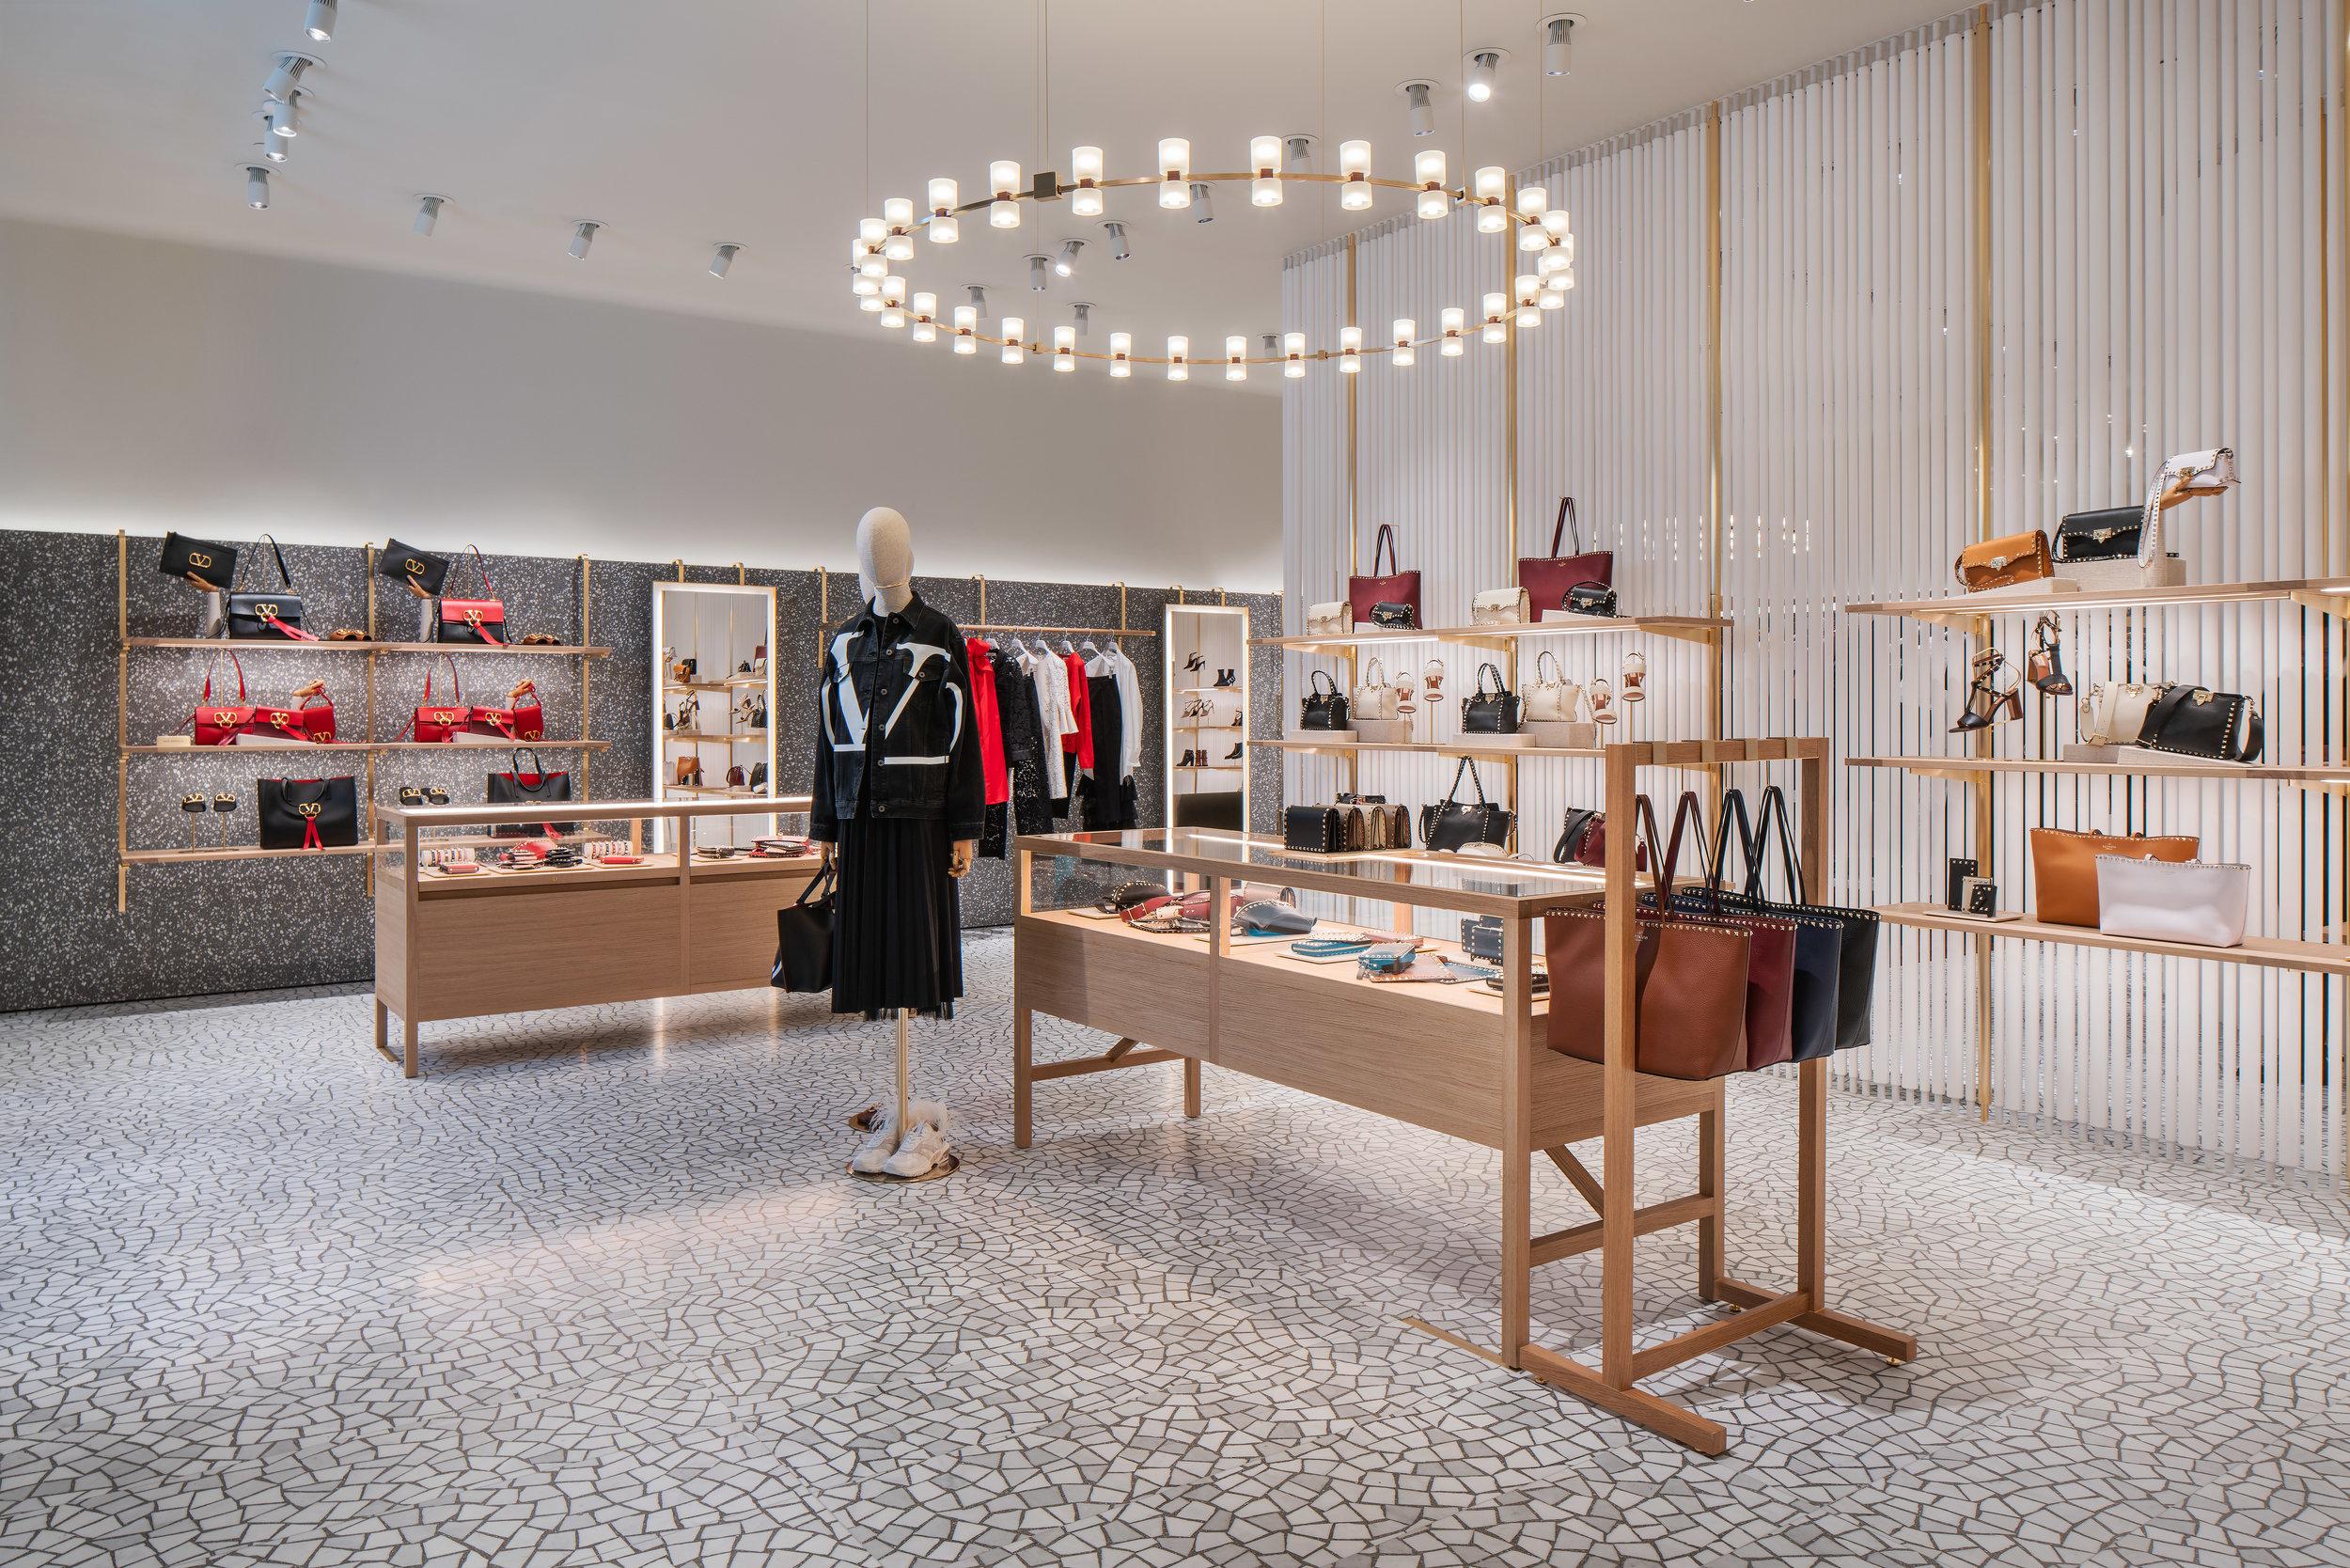 valentino's yorkdale boutique photo: michael muraz